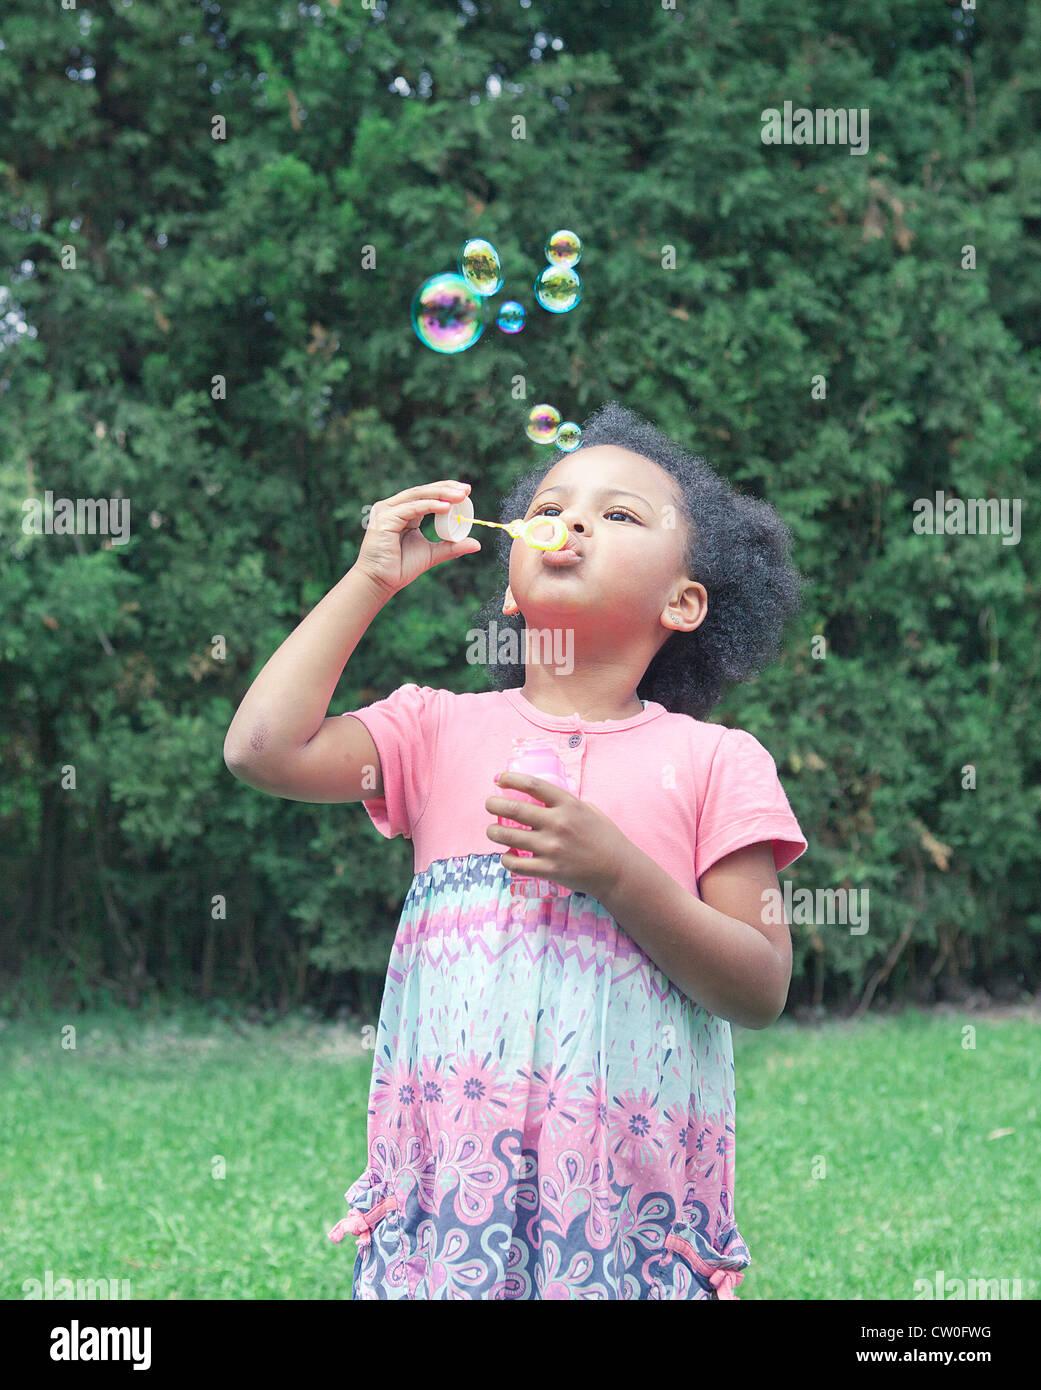 Ragazza a soffiare bolle all'aperto Immagini Stock